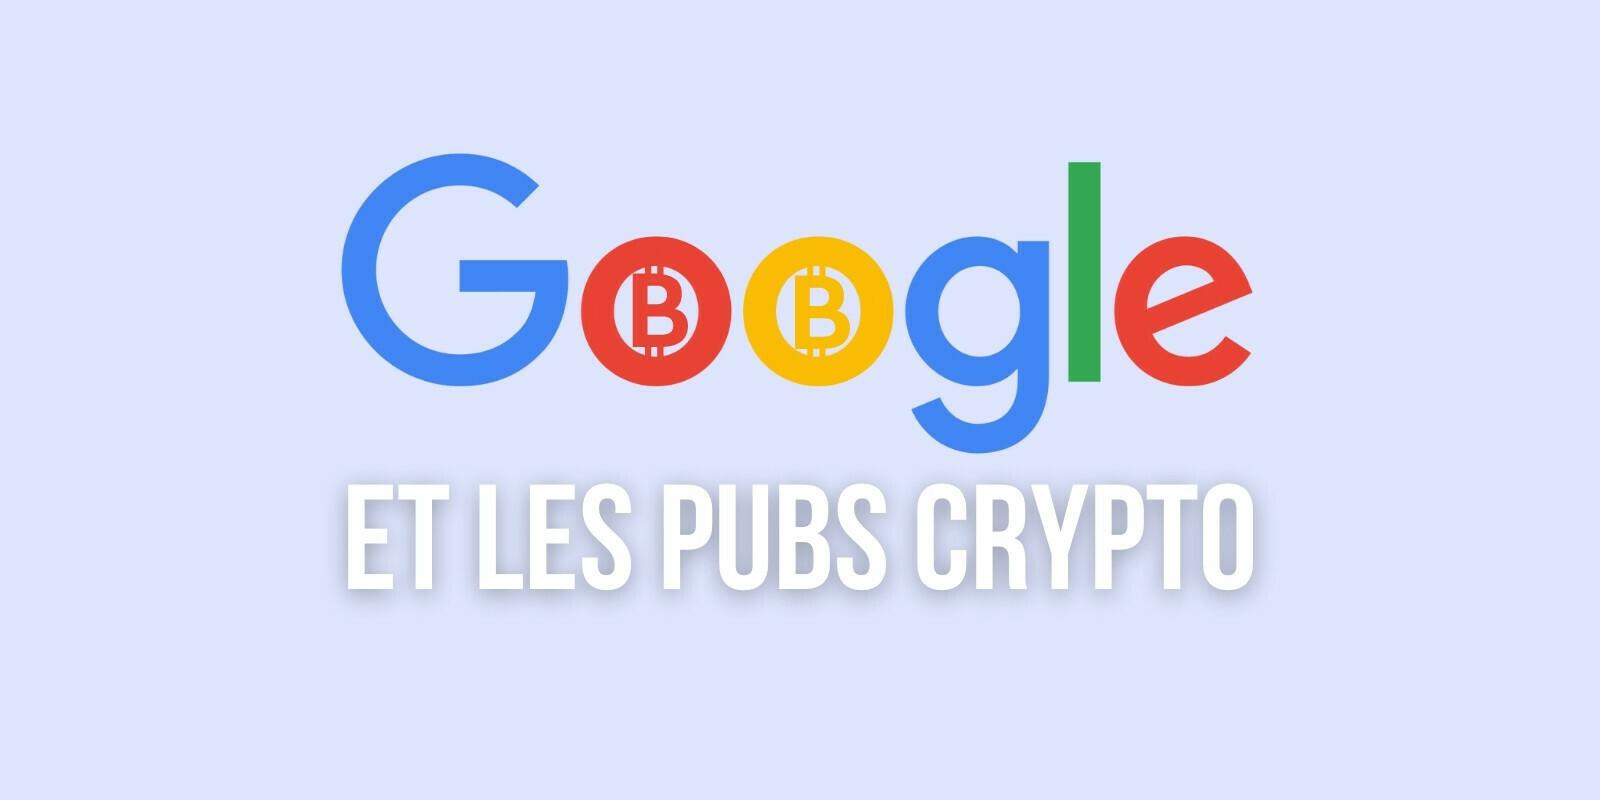 Google autorise à nouveau les publicités pour les fournisseurs de services de cryptomonnaies